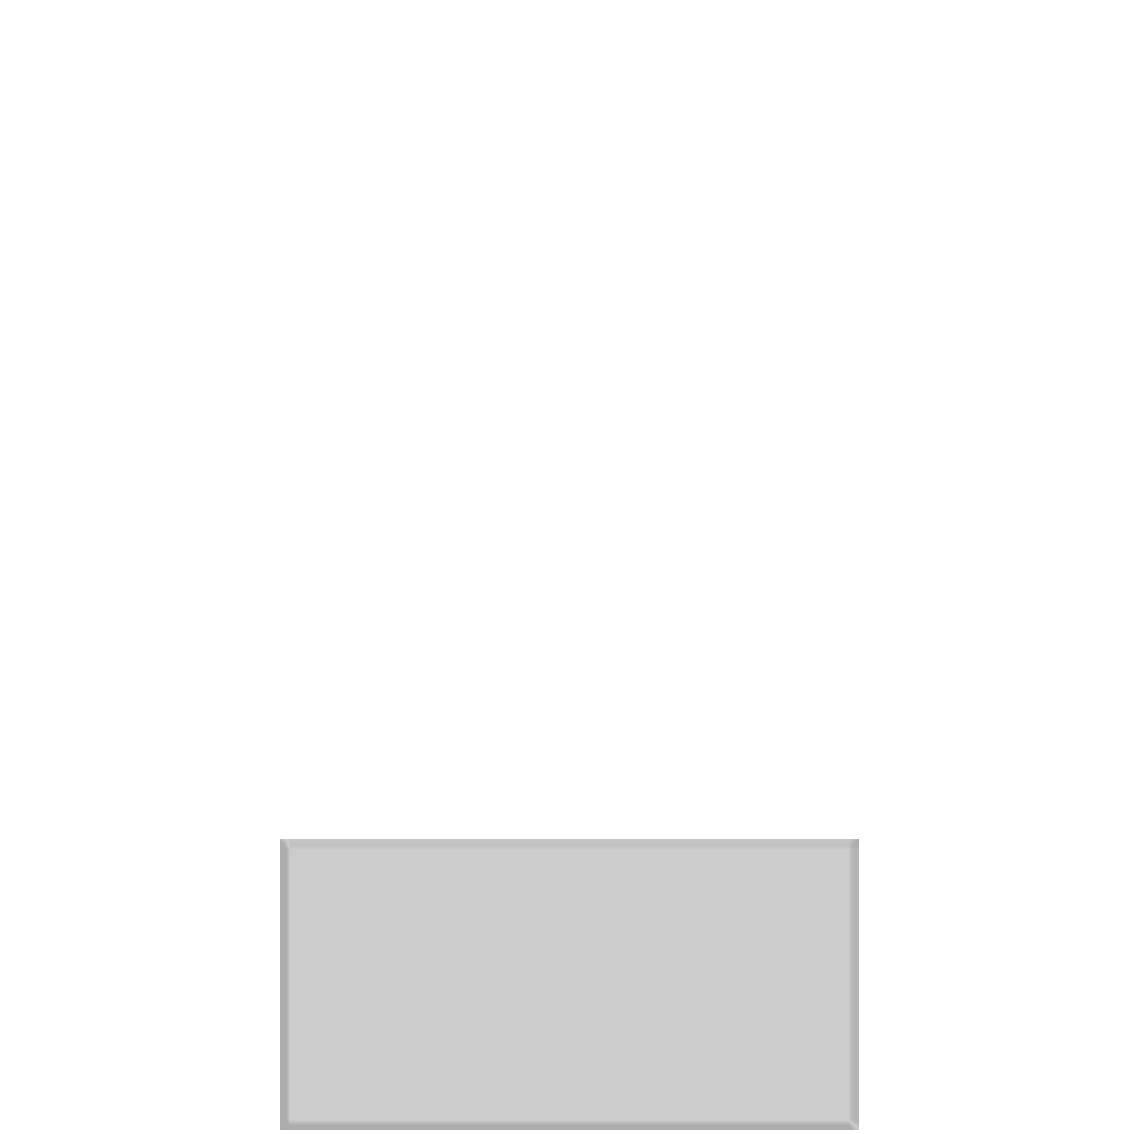 Gạch hình chữ nhật mặt bóng 10x20